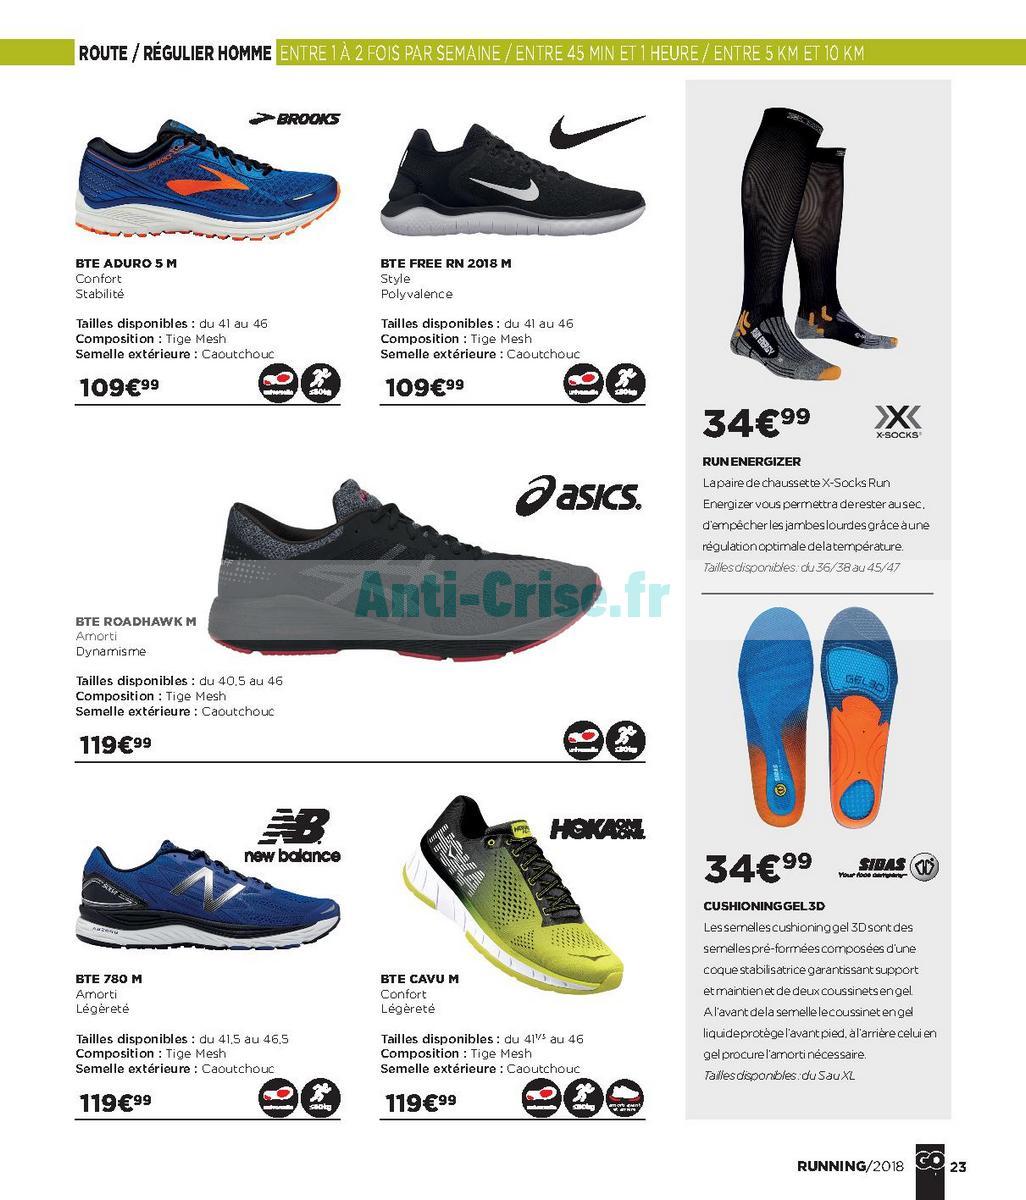 septembre2018 Catalogue Go Sport du 28 avril au 21 septembre 2018 (Running) (23)